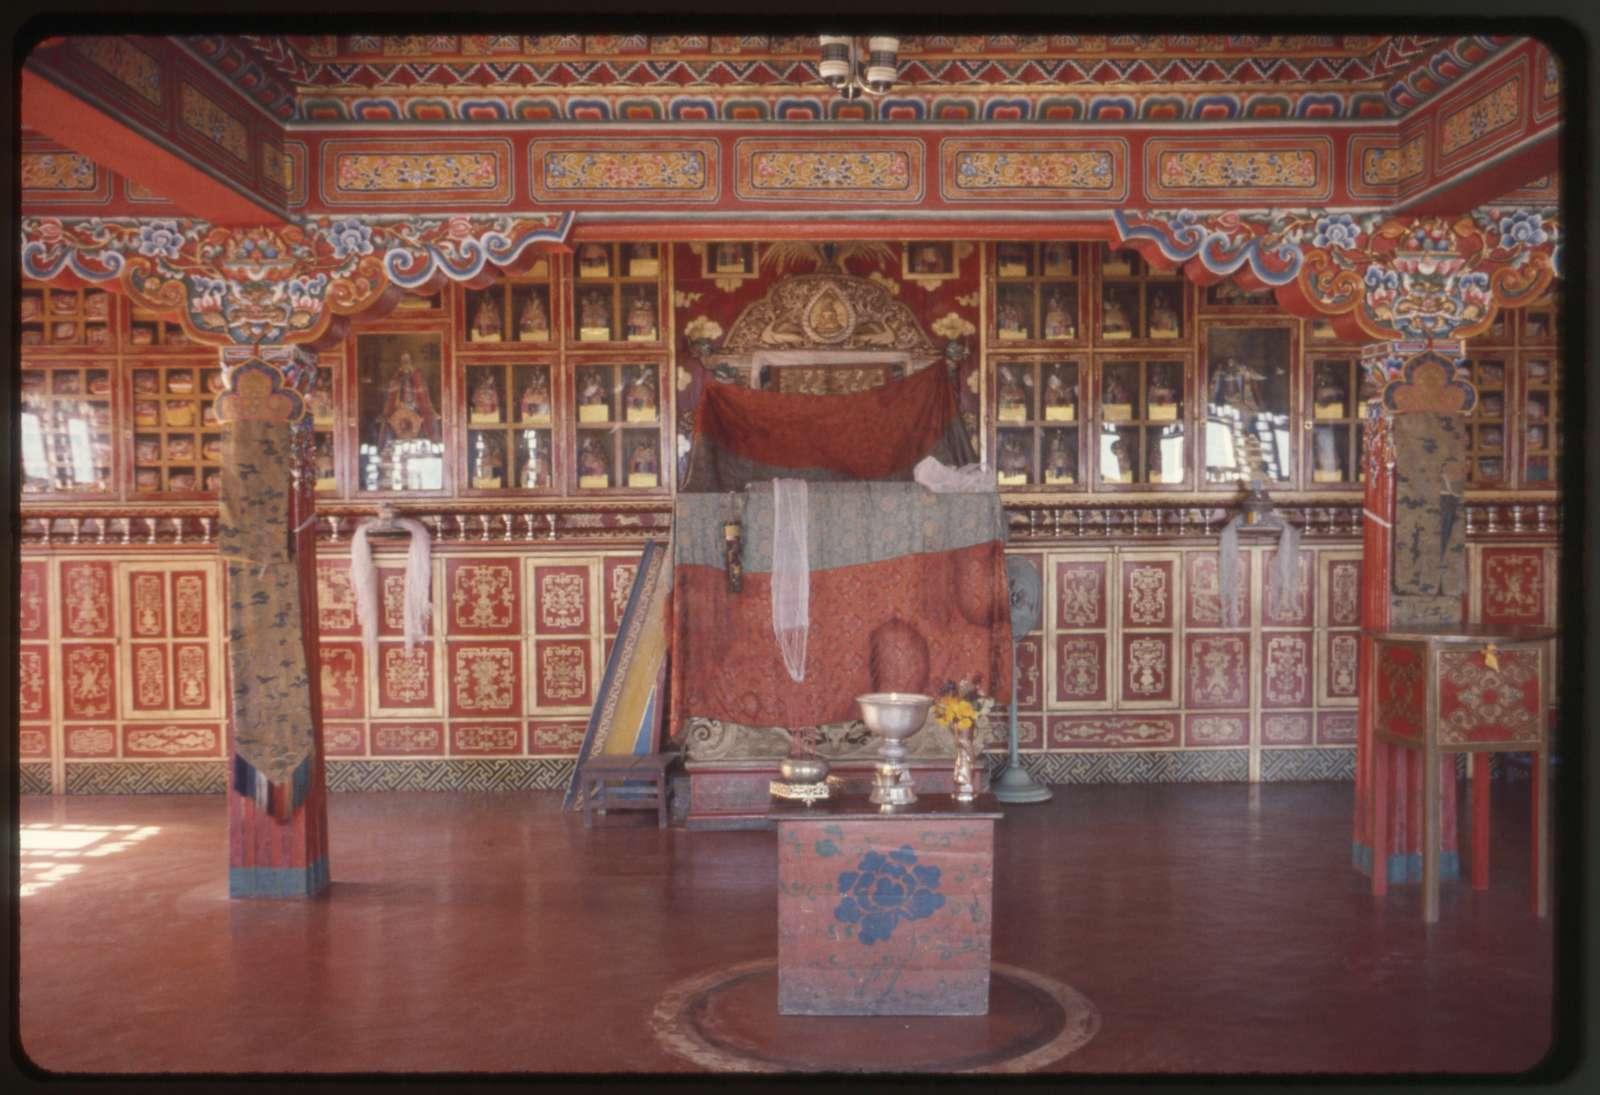 [Inside Rumtek Monastery, Sikkim]